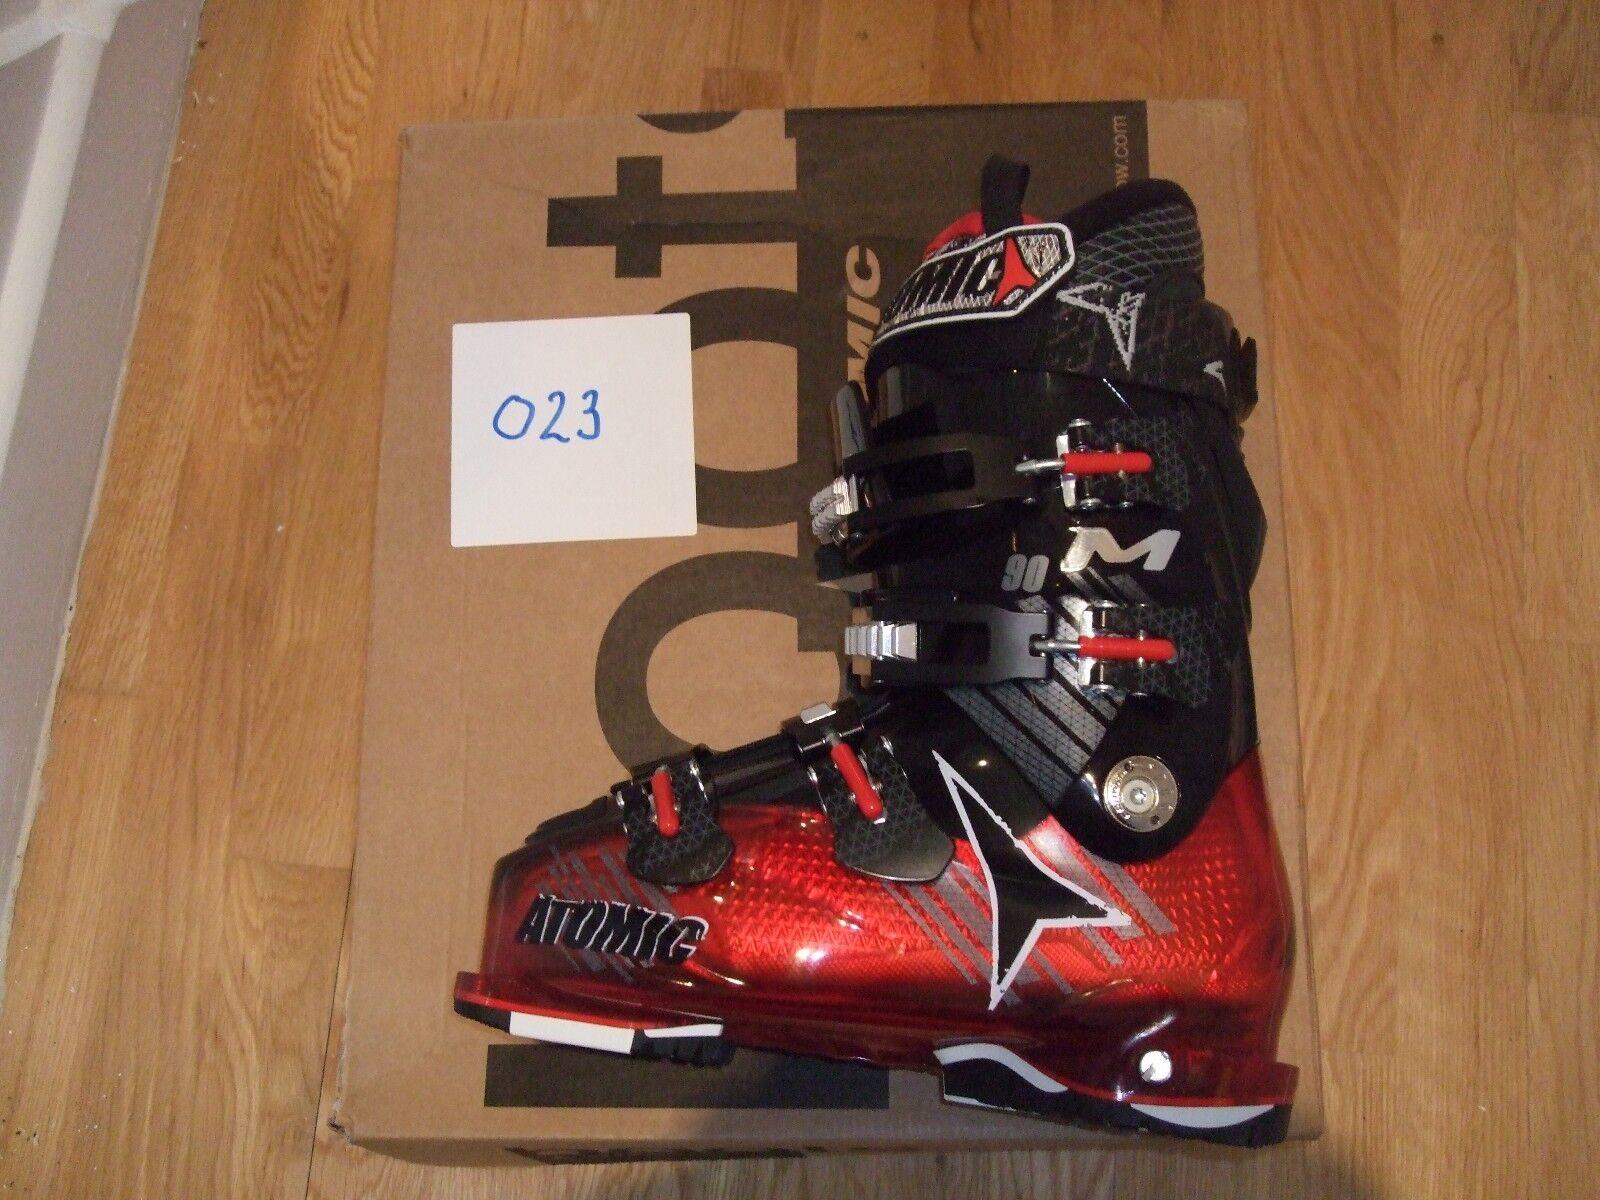 Atomic M90 Ski Stiefel (Größe 26) - New condition